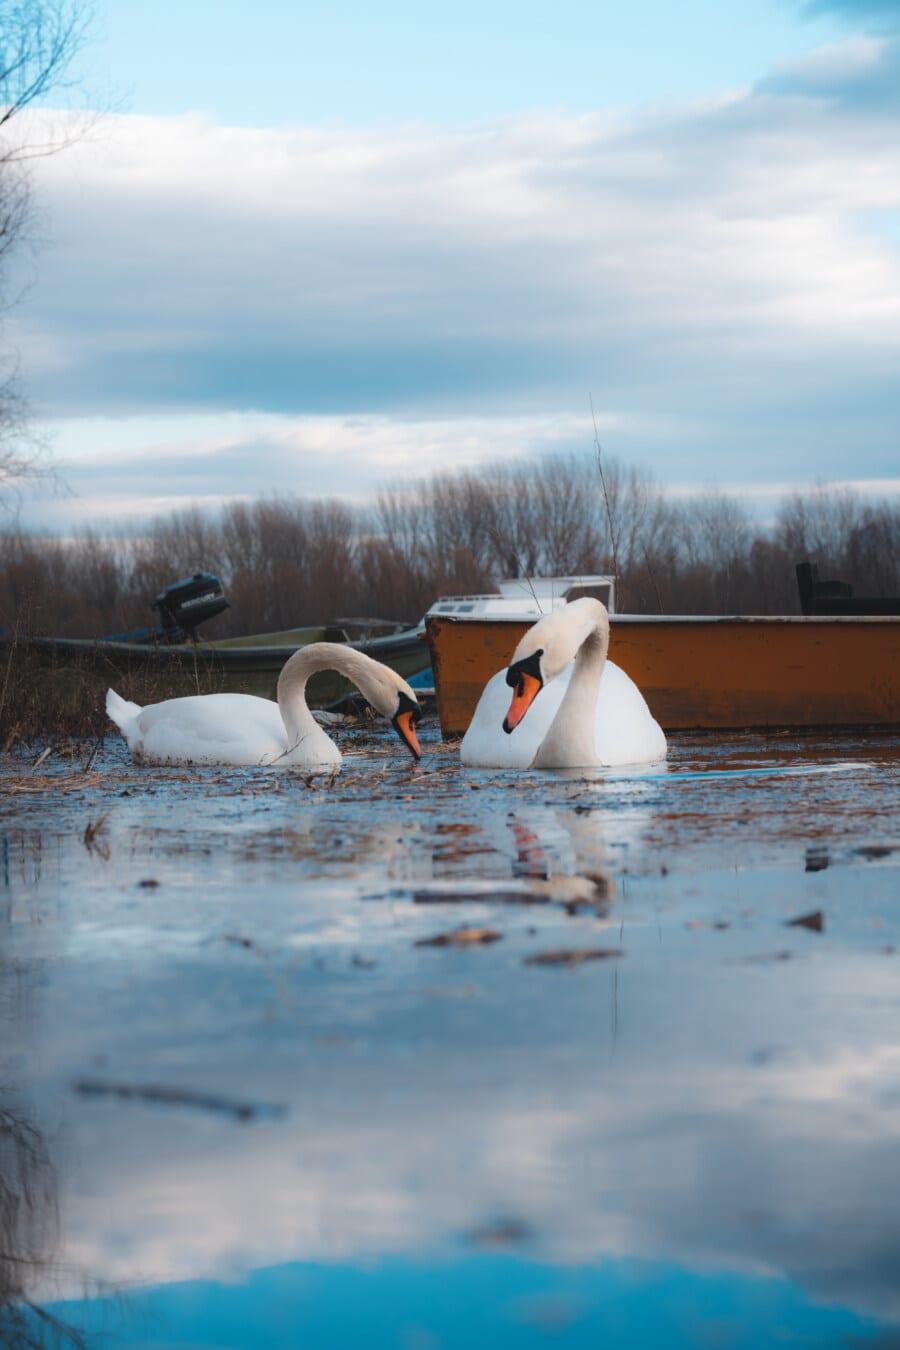 aquatic bird, aquatic plant, swan, ecosystem, aquatic, river boat, boat, river, nature, water